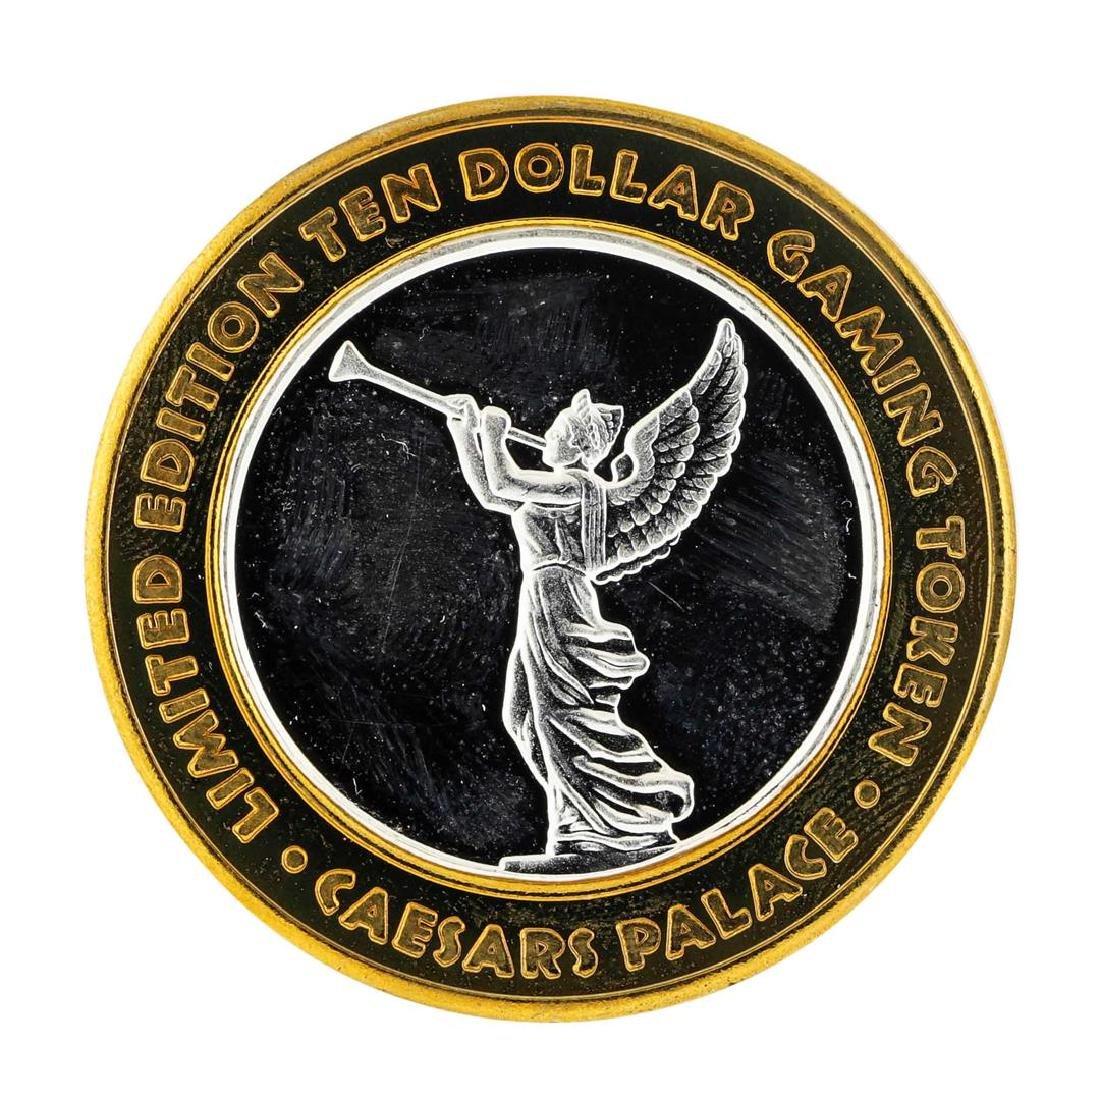 .999 Silver Caesars Palace Las Vegas, Nevada $10 Casino - 2